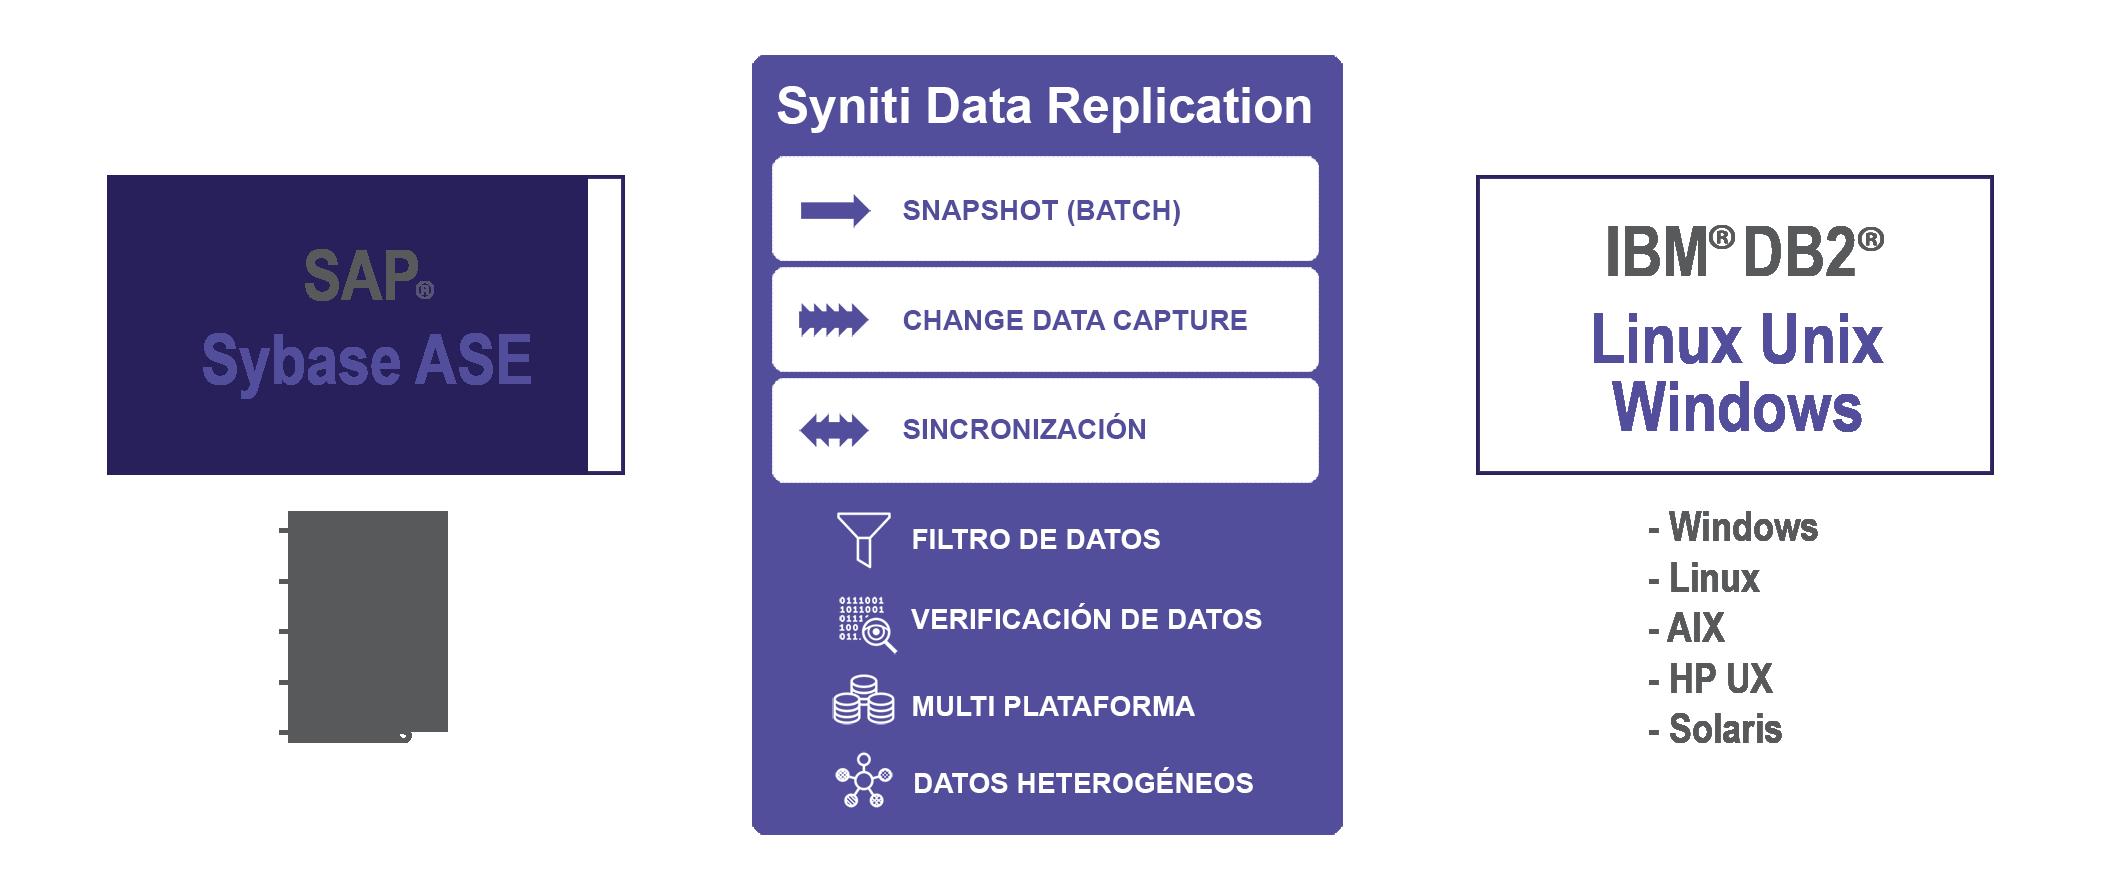 Replicacion de datos SAP Sybase ASE a DB2 LUW